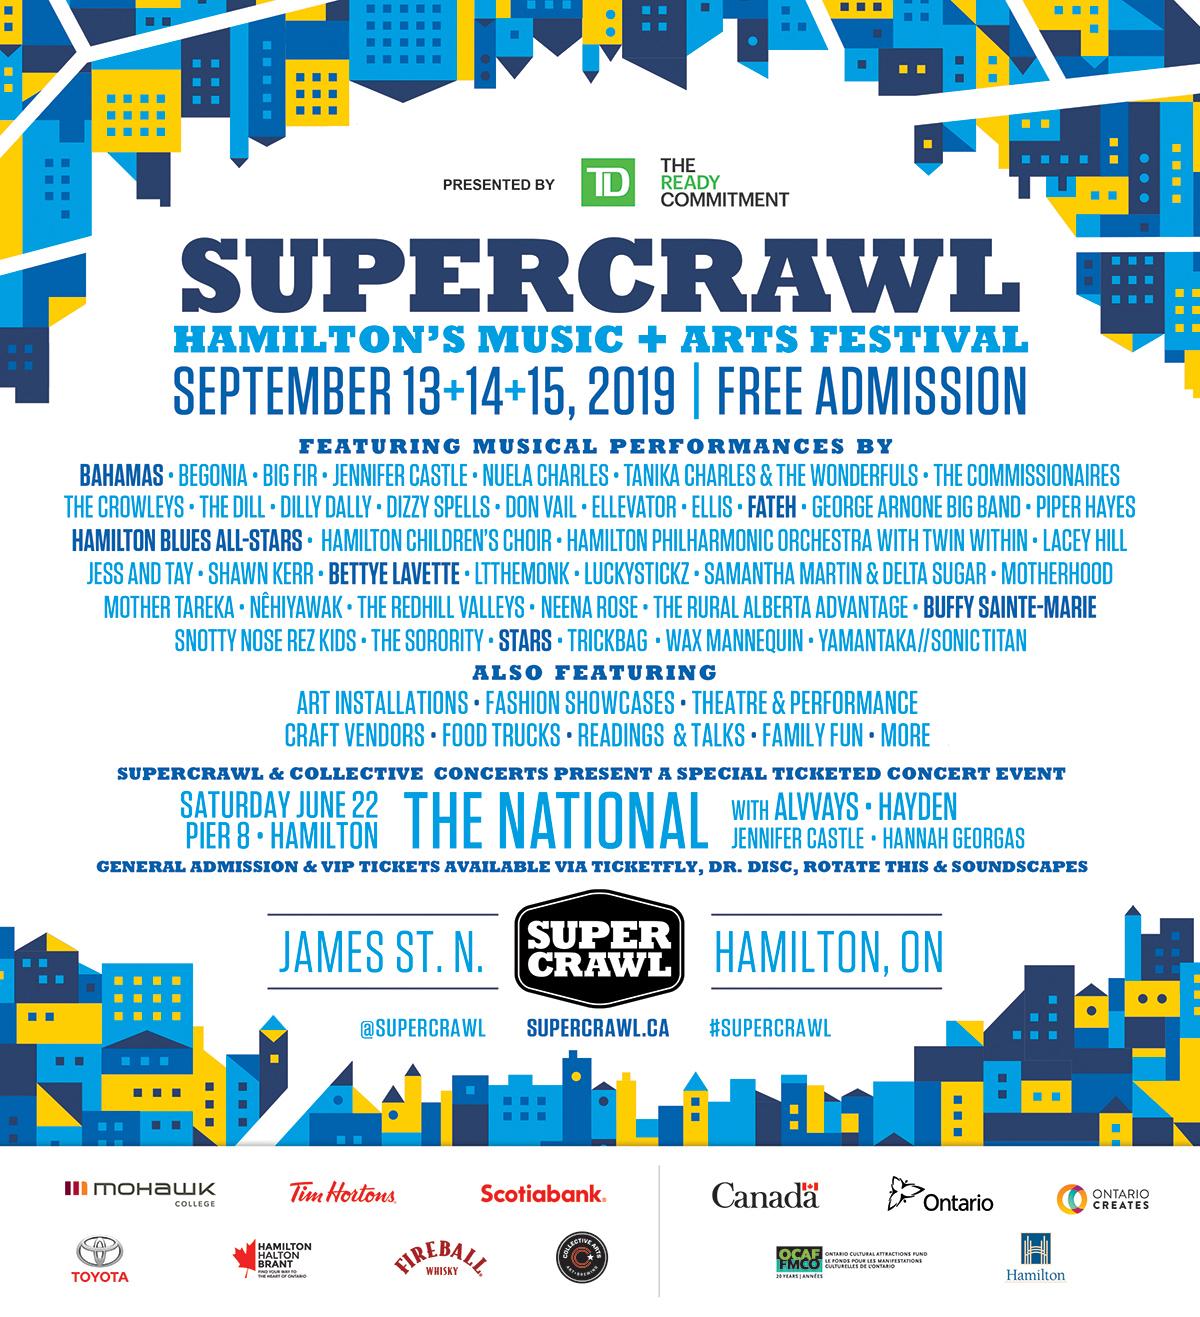 Supercrawl lineup